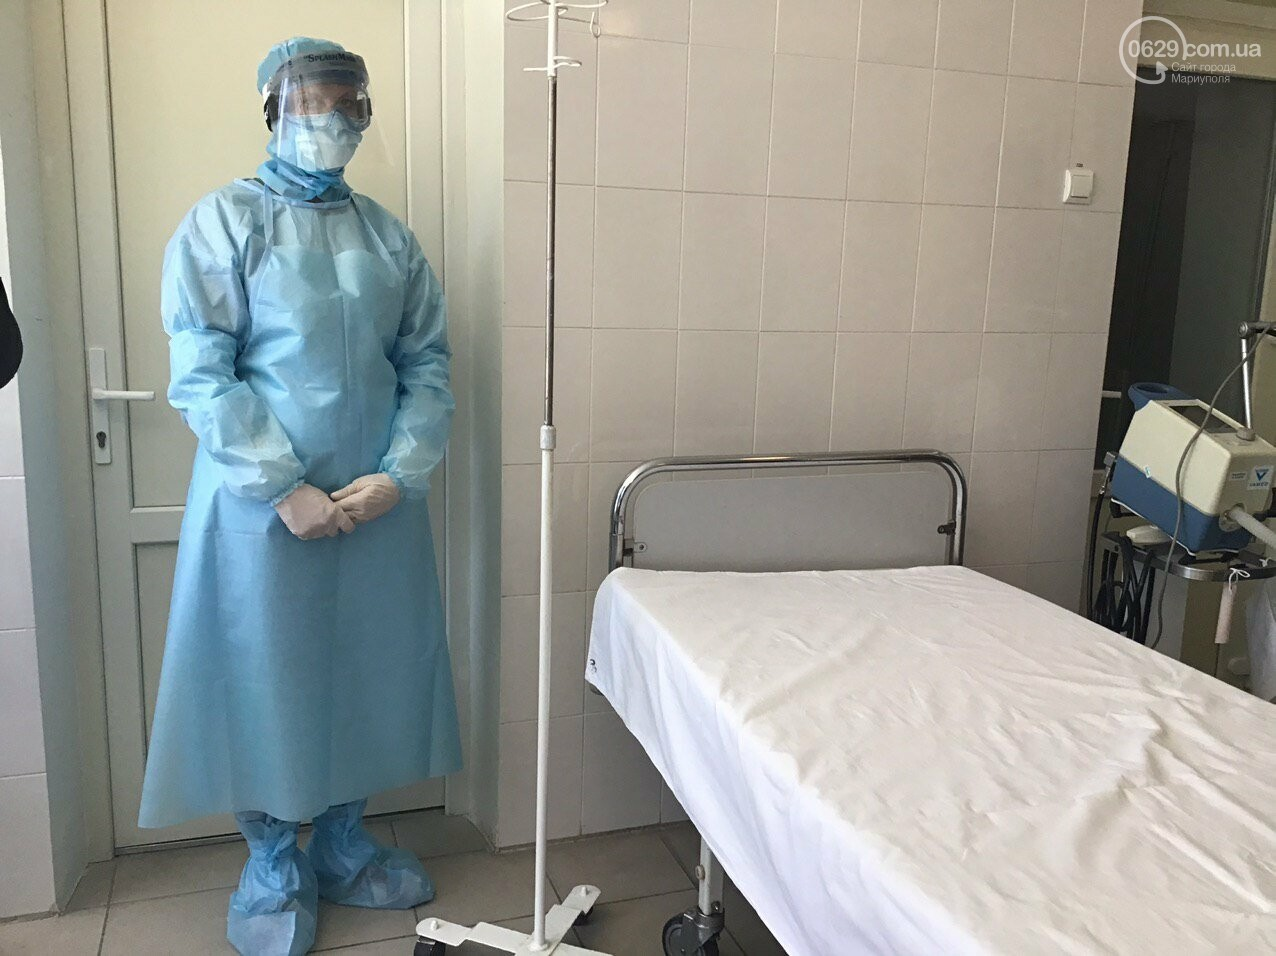 В Мариуполе проверили, насколько больницы города готовы к обострению ситуации с коронавирусом, - ФОТО, ВИДЕО, фото-16